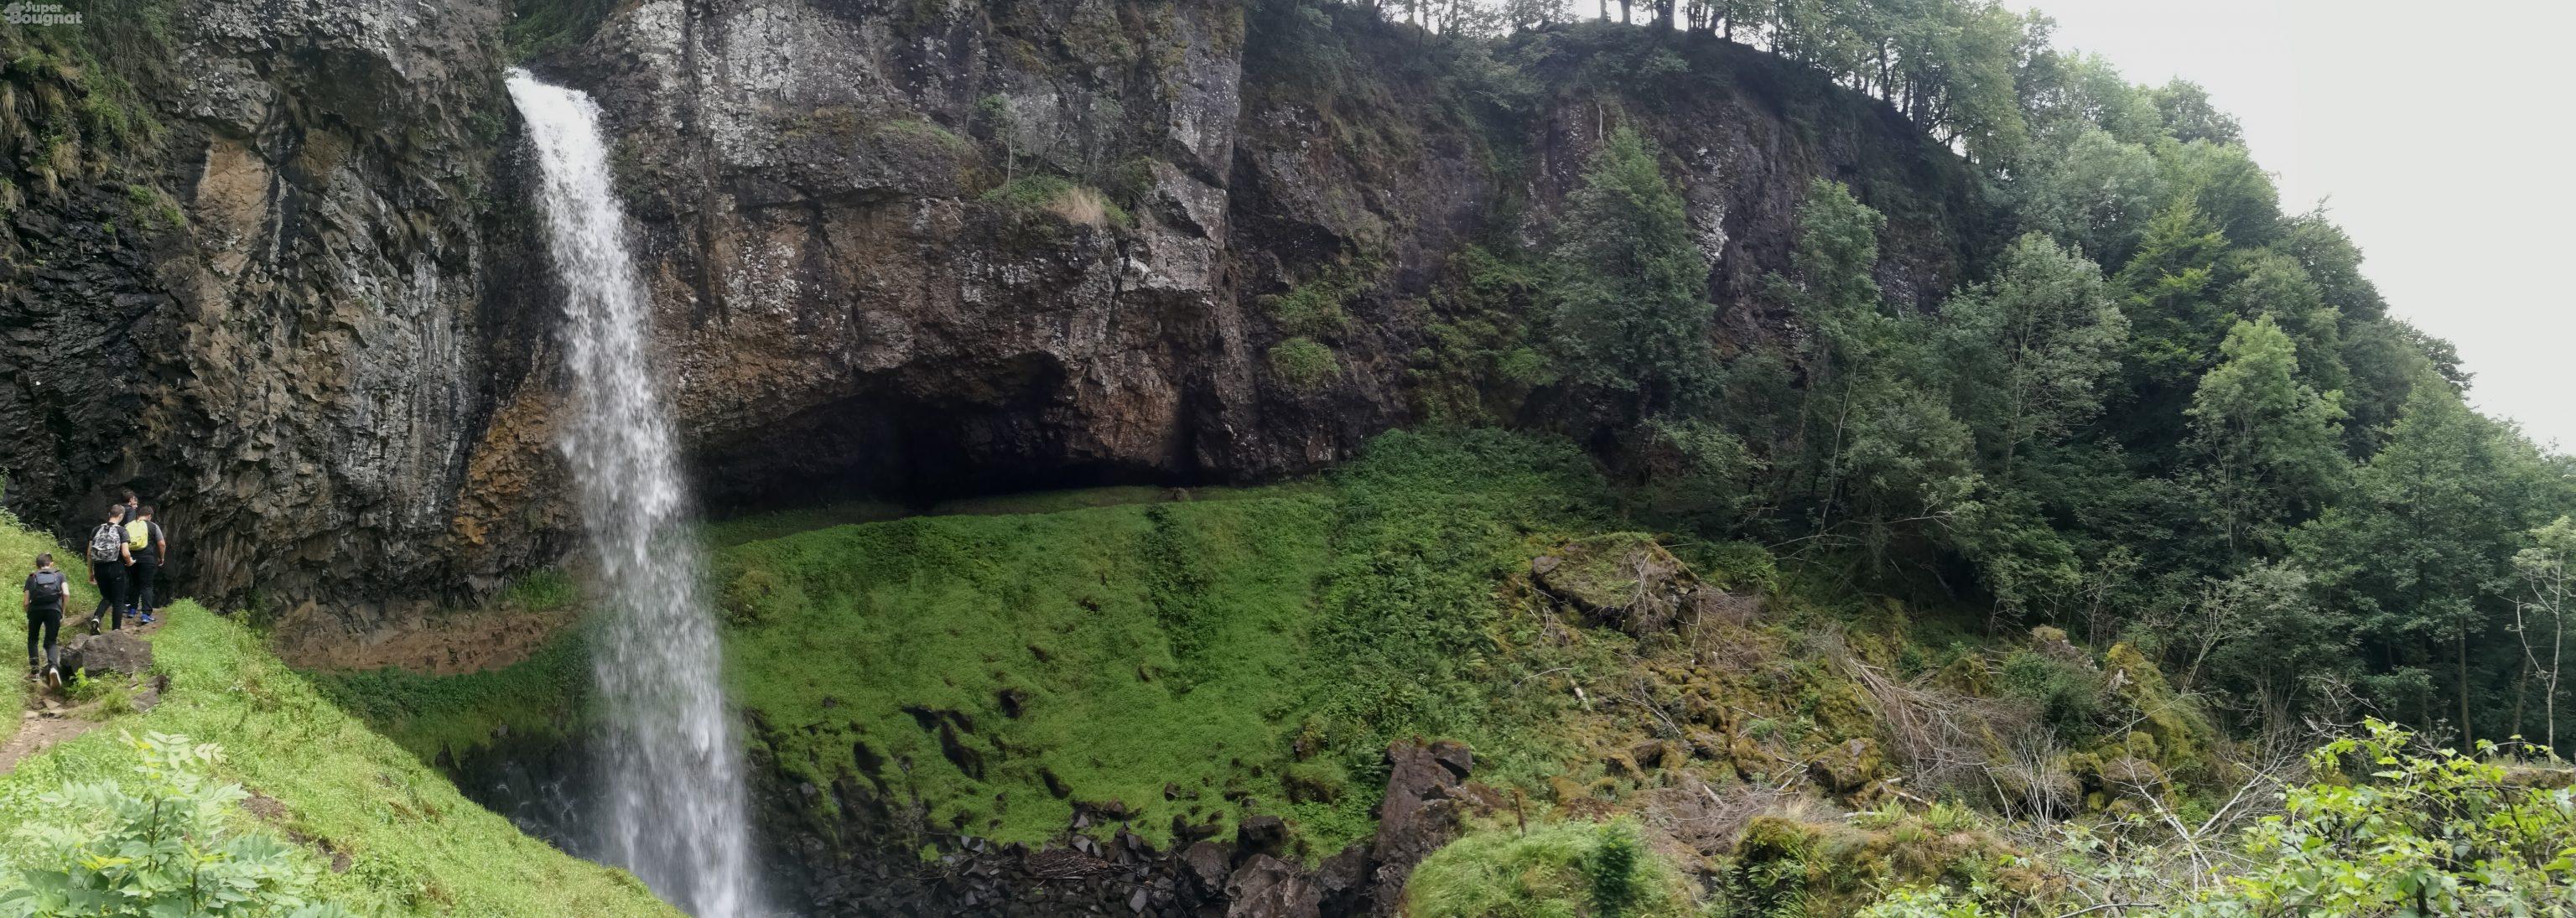 Le chemin descend jusqu'à passer derrière la cascade